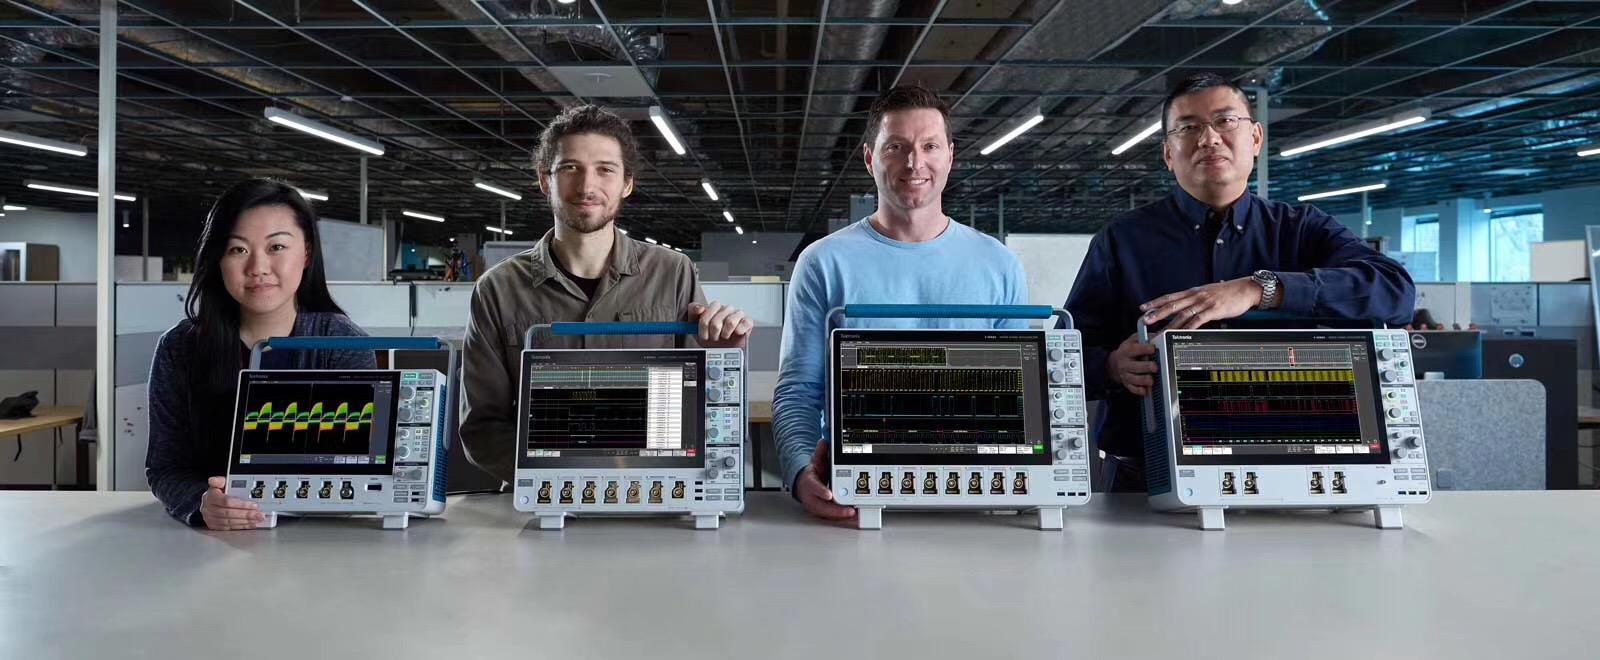 未來已來,泰克全新一代中端示波器 泰克推出 3系列MDO和4系列MSO